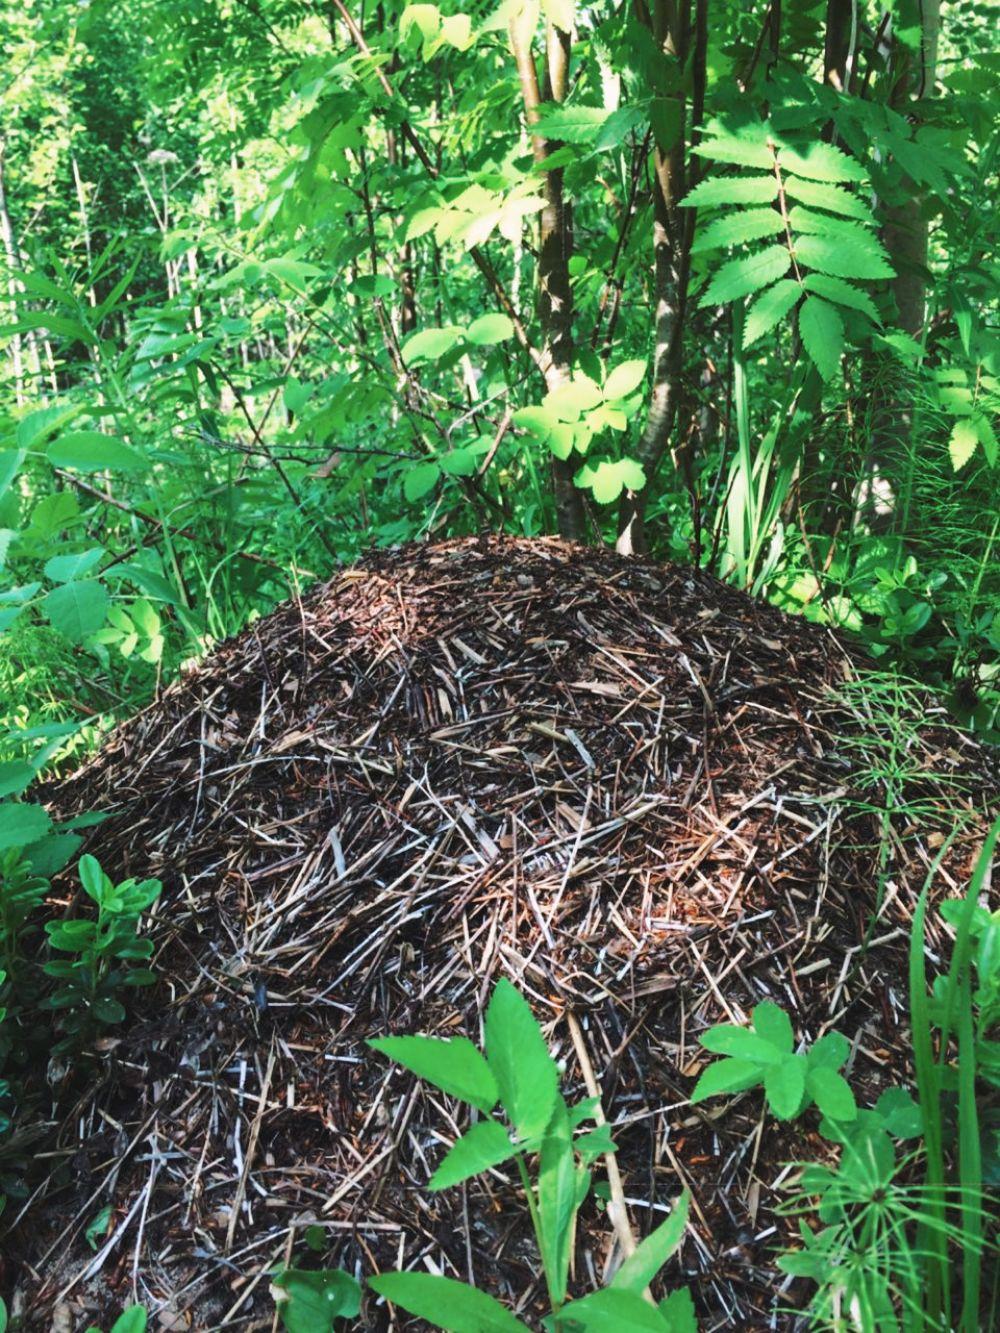 Как говорят лесничие, если заблудились в лесу, поможет простой муравейник. Муравьи строят свои гнезда с южной стороны деревьев или другой растительности